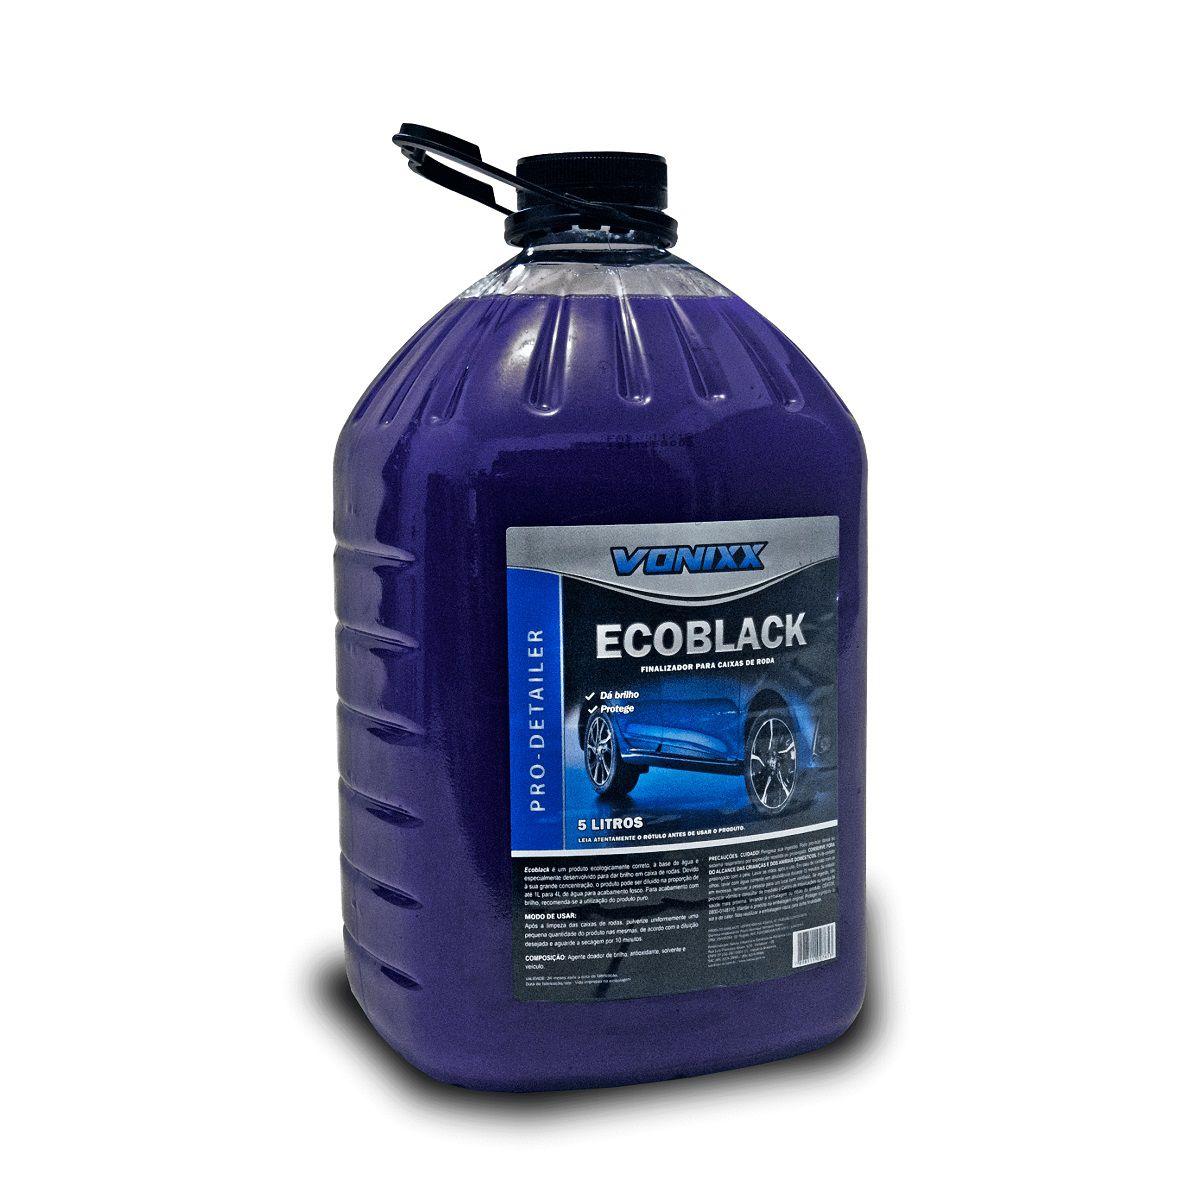 Ecoblack - Finalizador para caixas de roda (5 Litros)